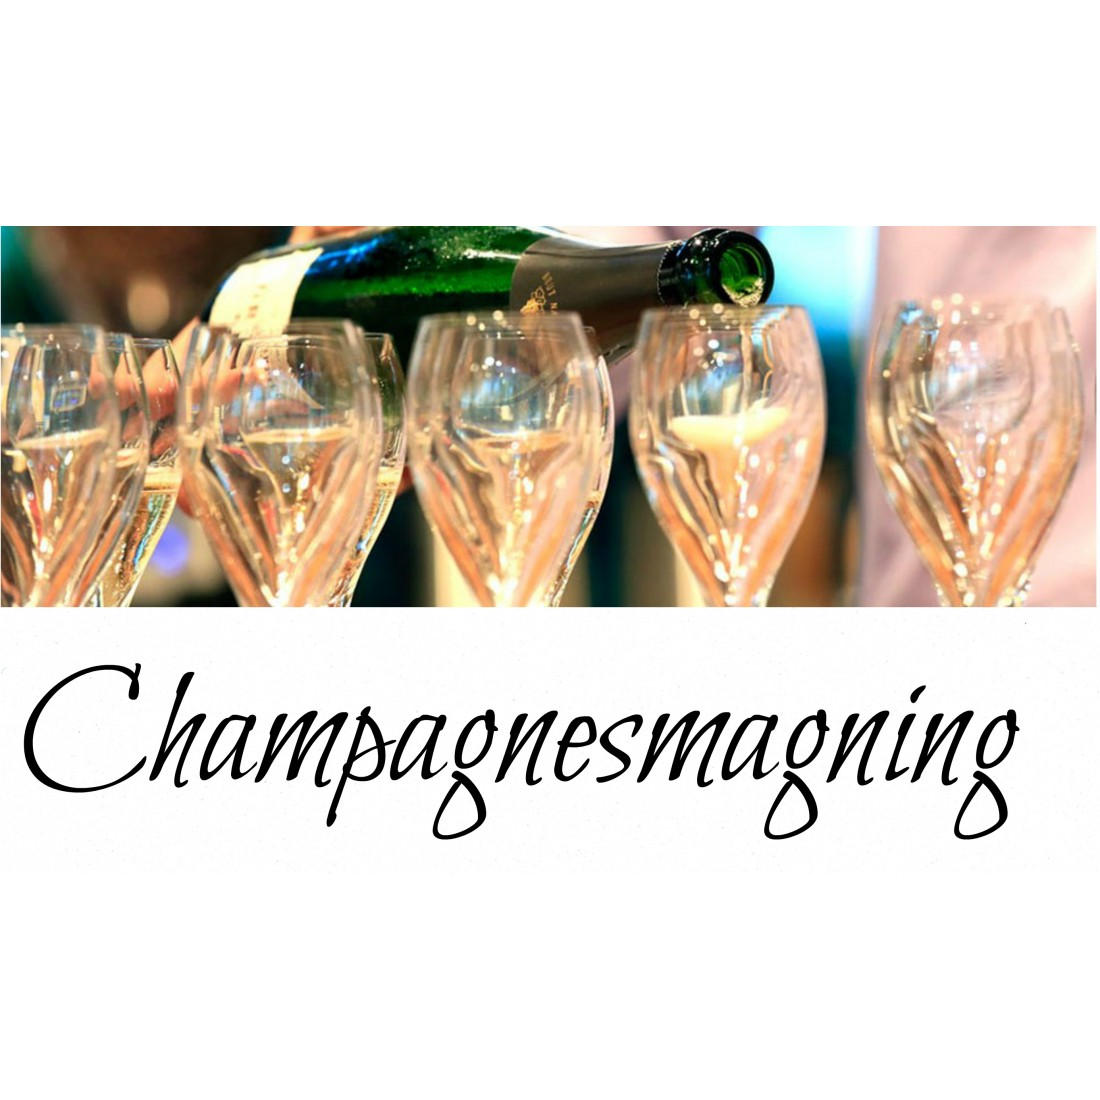 Champagnesmagning lørdag den 14 marts kl. 19.00 I ChampagneKælderen-31